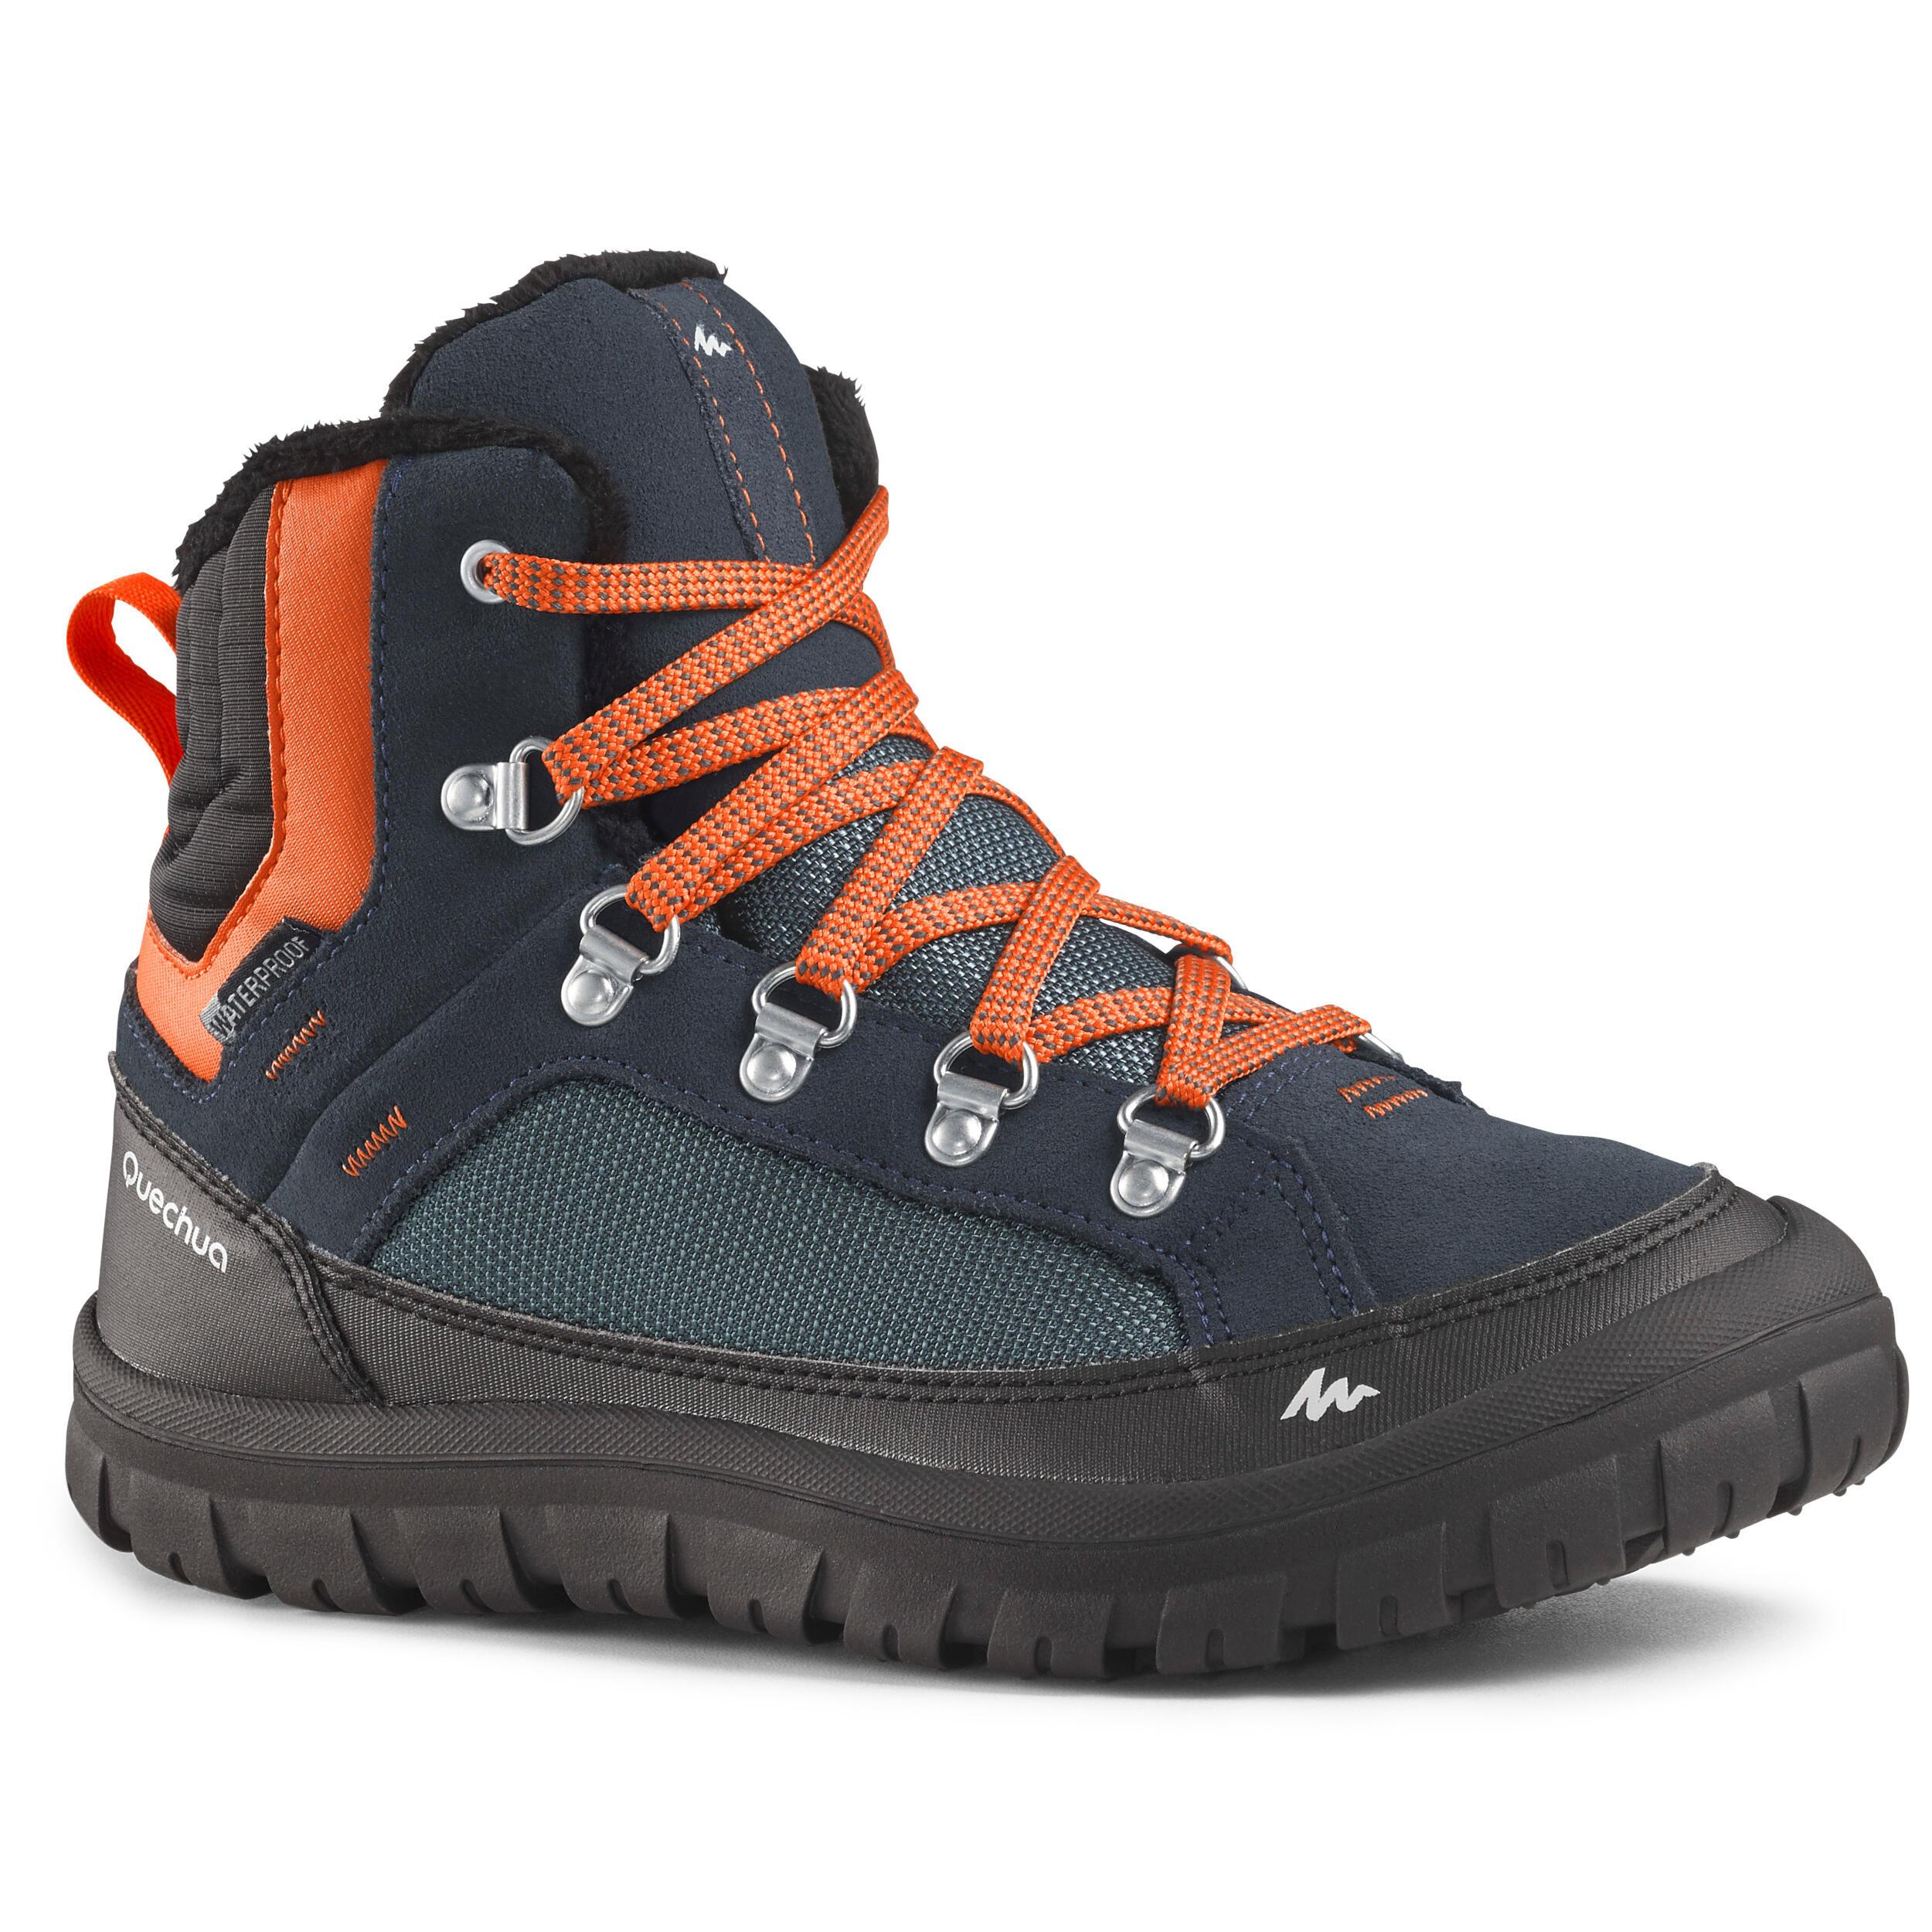 SH500 Warm JR Rip-Tab Mid-Height Snow Hiking Boots - Grey